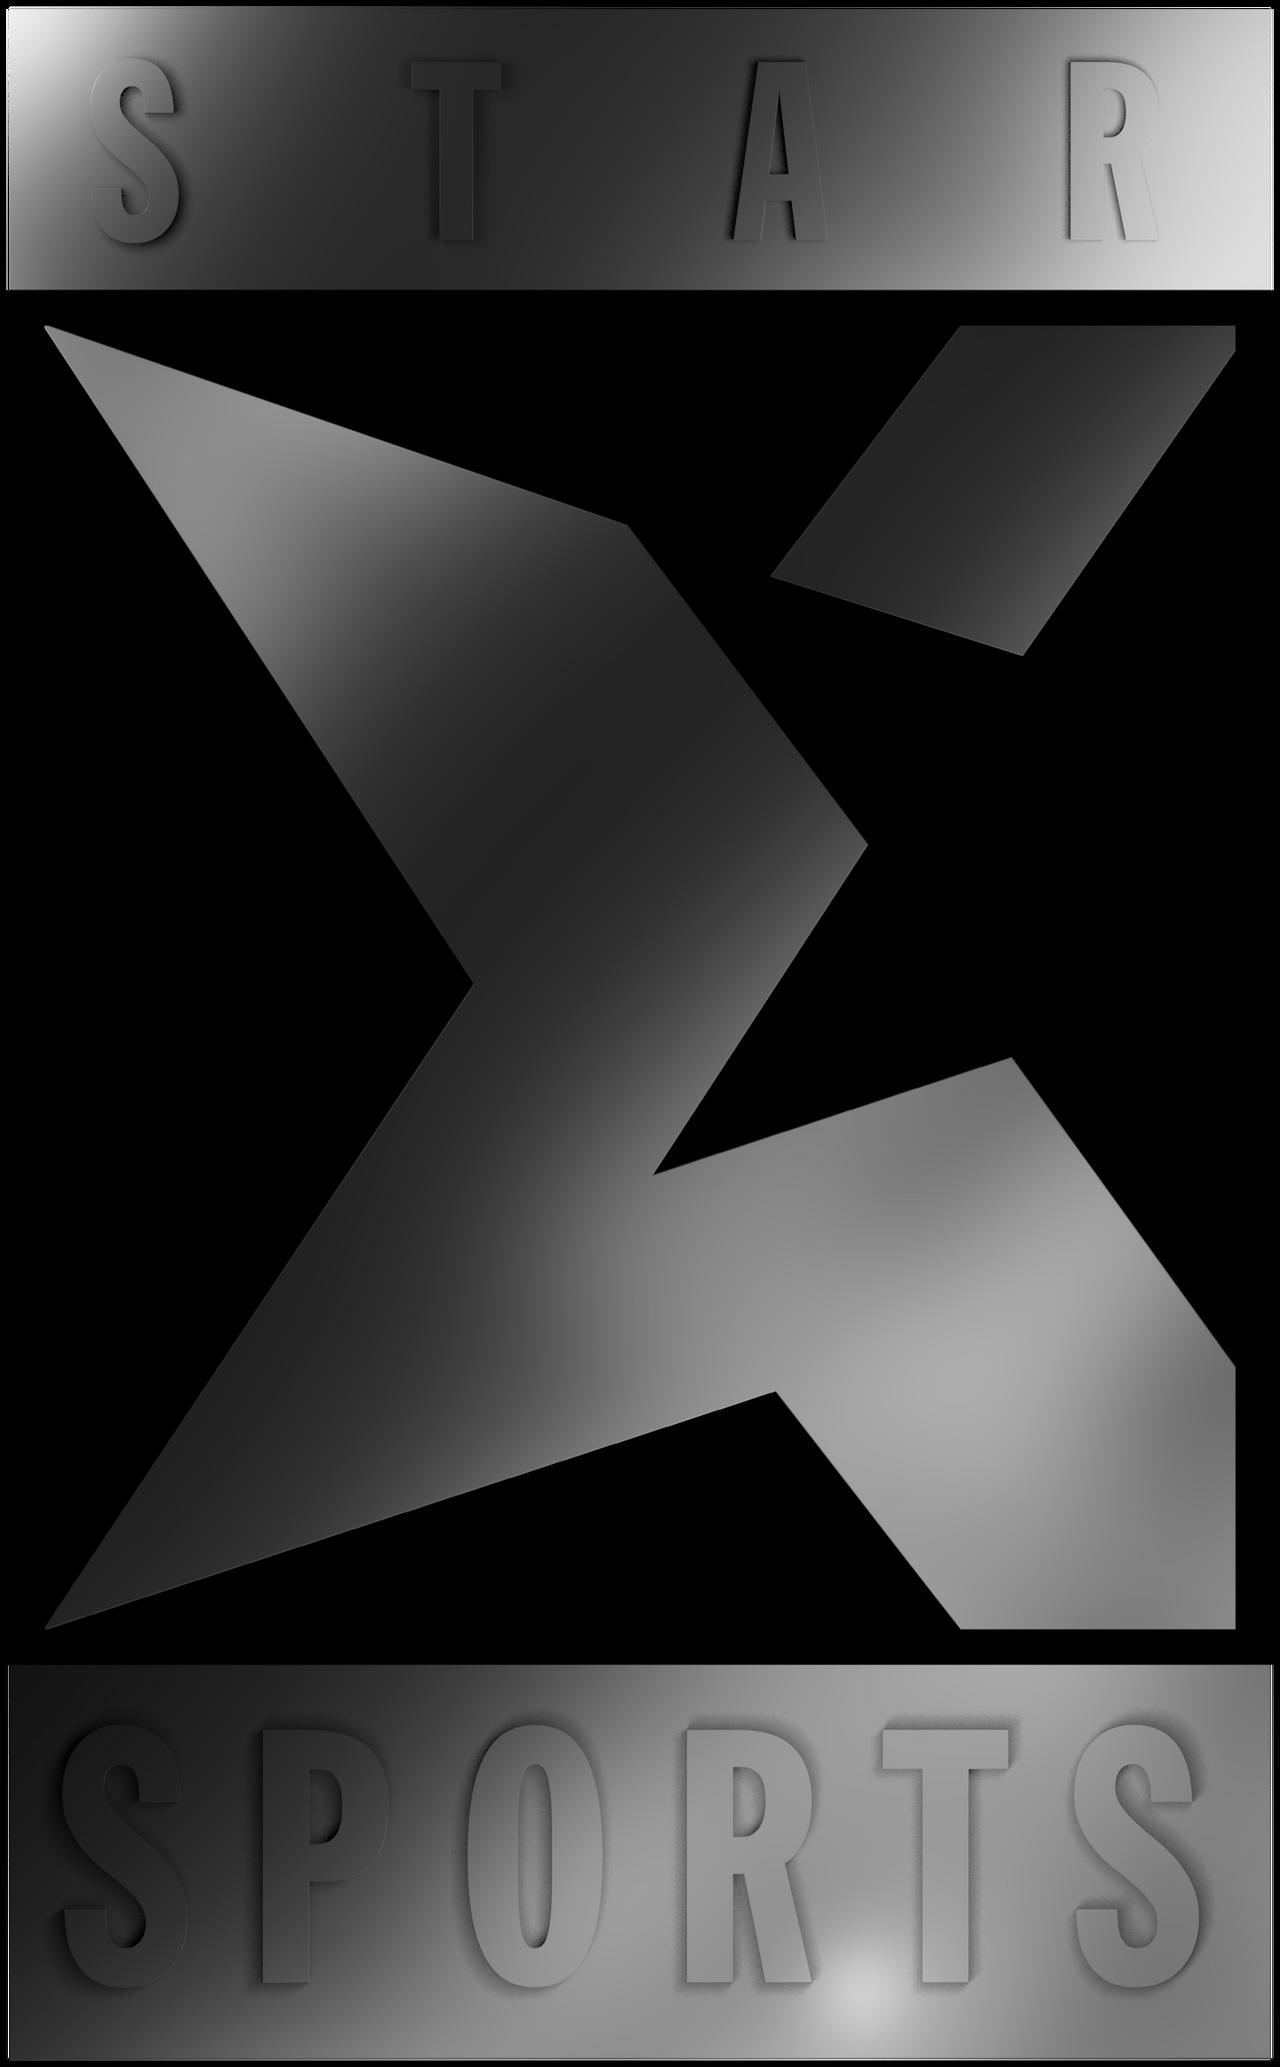 Star Sports 1996 Logo Remake Wip 2 By Unitedworldmedia On Deviantart